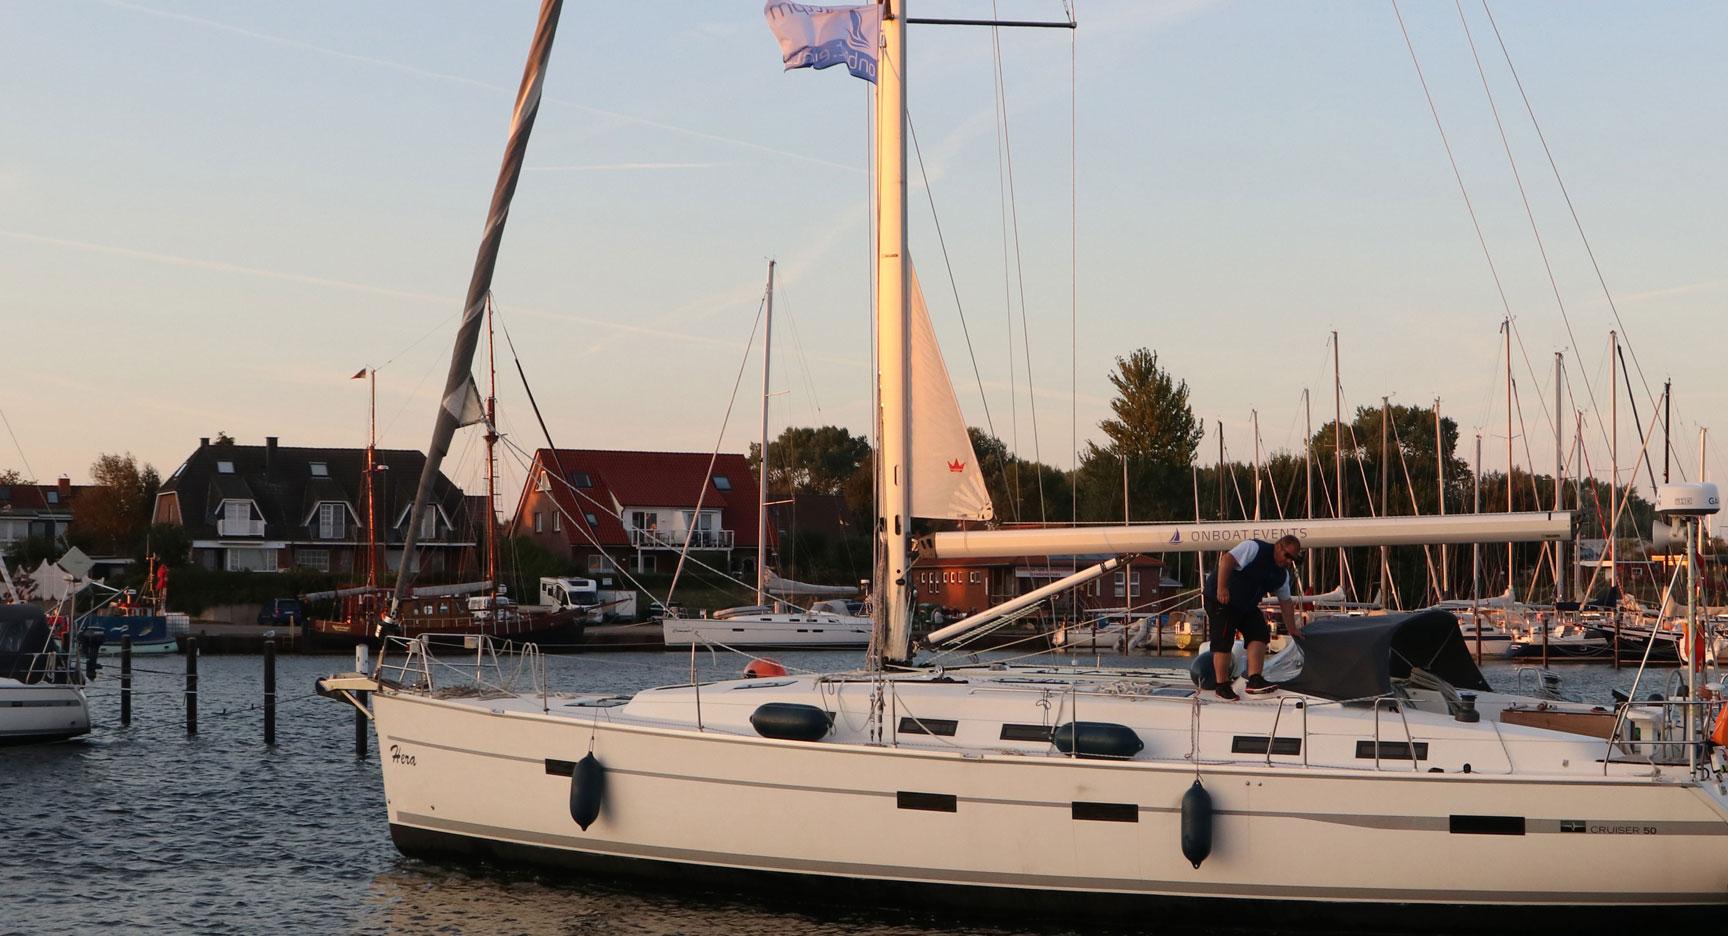 Das Backbordprofil von Hera - eine 50 Bavaria Cruiser